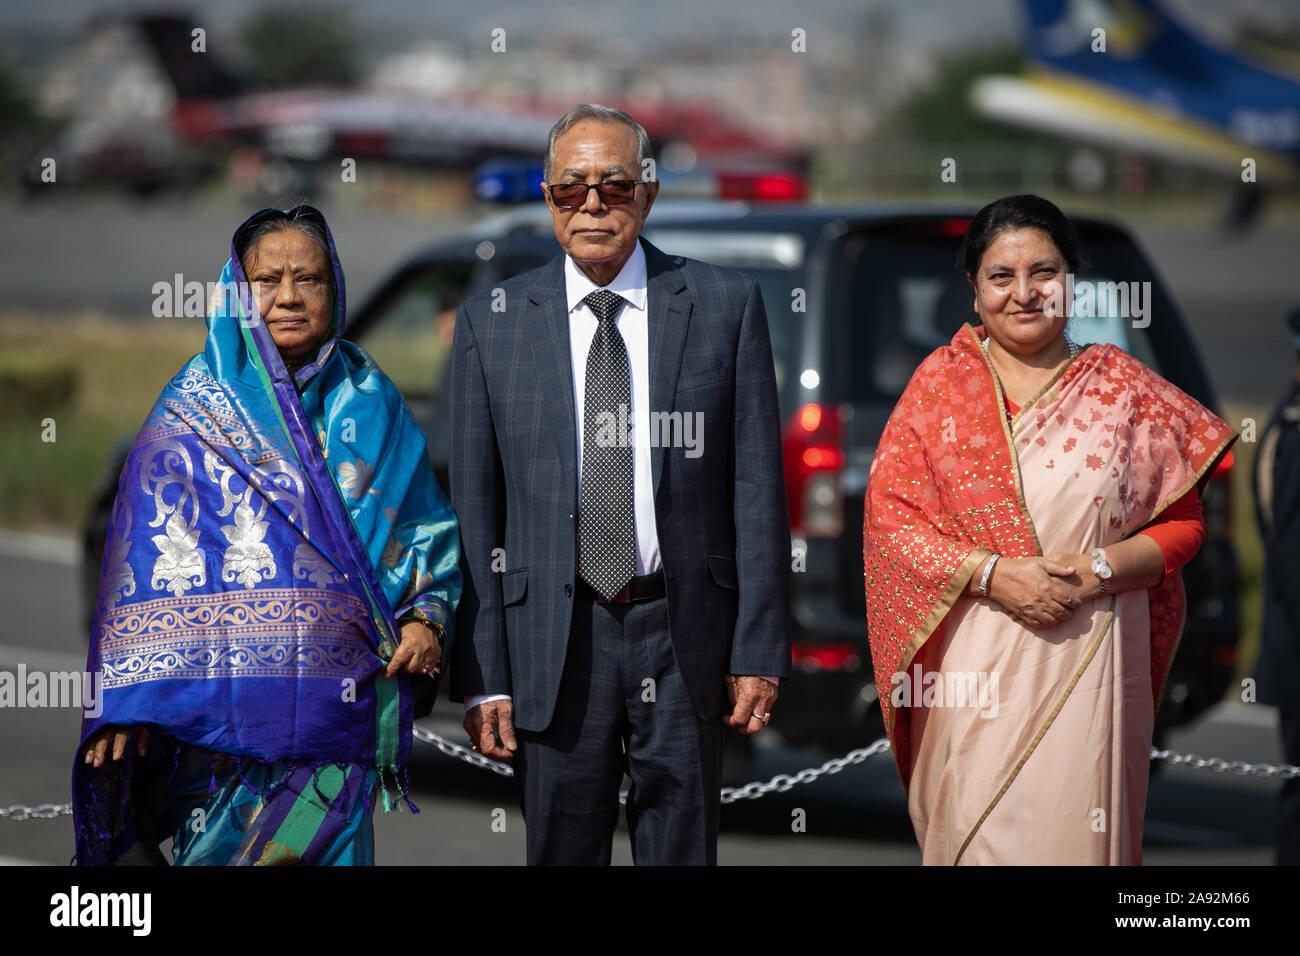 Katmandou, Népal. 20 Nov, 2019. Le président du Bangladesh, Abdul Hamid (c) et le président du Népal, Bidhya Devi Bhandari (R) et la première dame du Bangladesh Rashida Hamid (L) poser pour des photos à leur arrivée à l'aéroport international de Tribhuvan à Katmandou. Le président du Bangladesh est sur une bonne volonté officielle de trois jours à visiter le Népal à l'invitation du président du Népal. Credit: SOPA/Alamy Images Limited Live News Banque D'Images